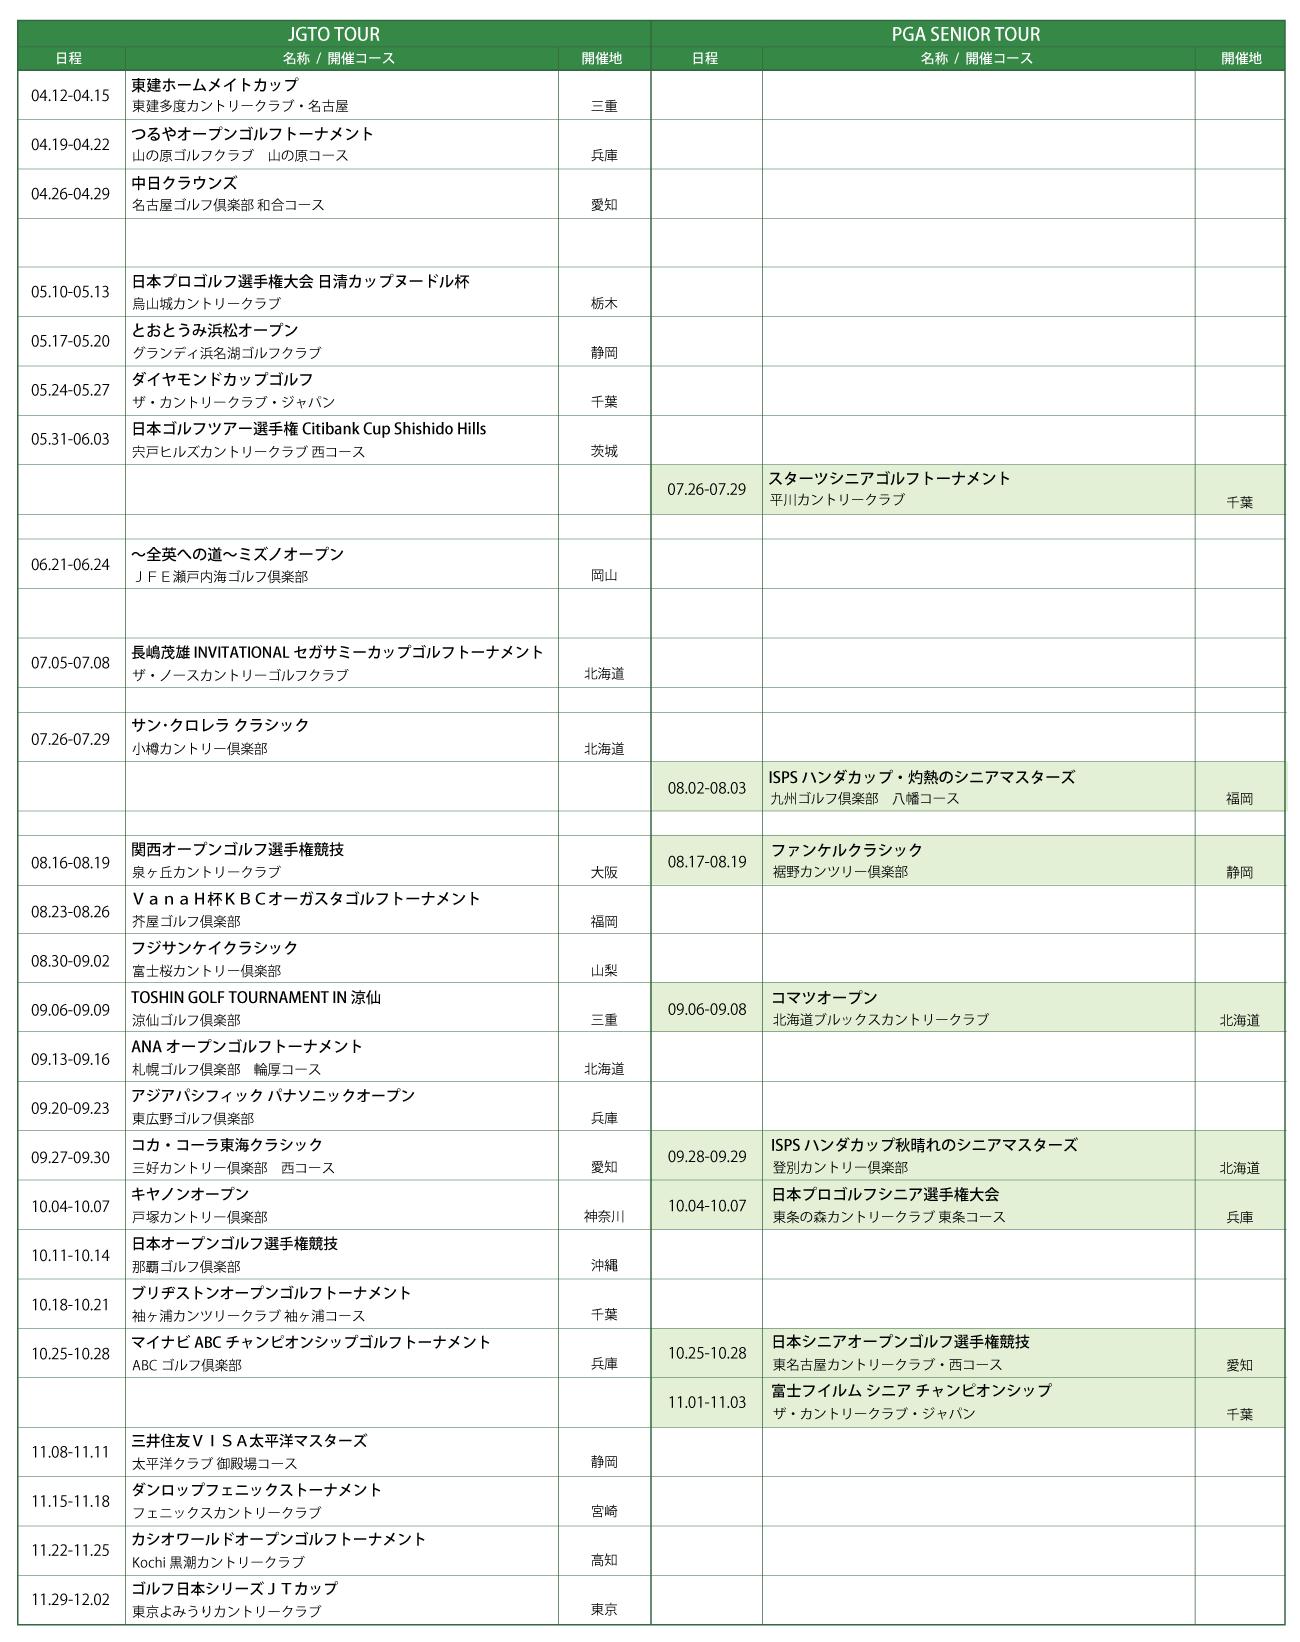 2012 トーナメントスケジュール